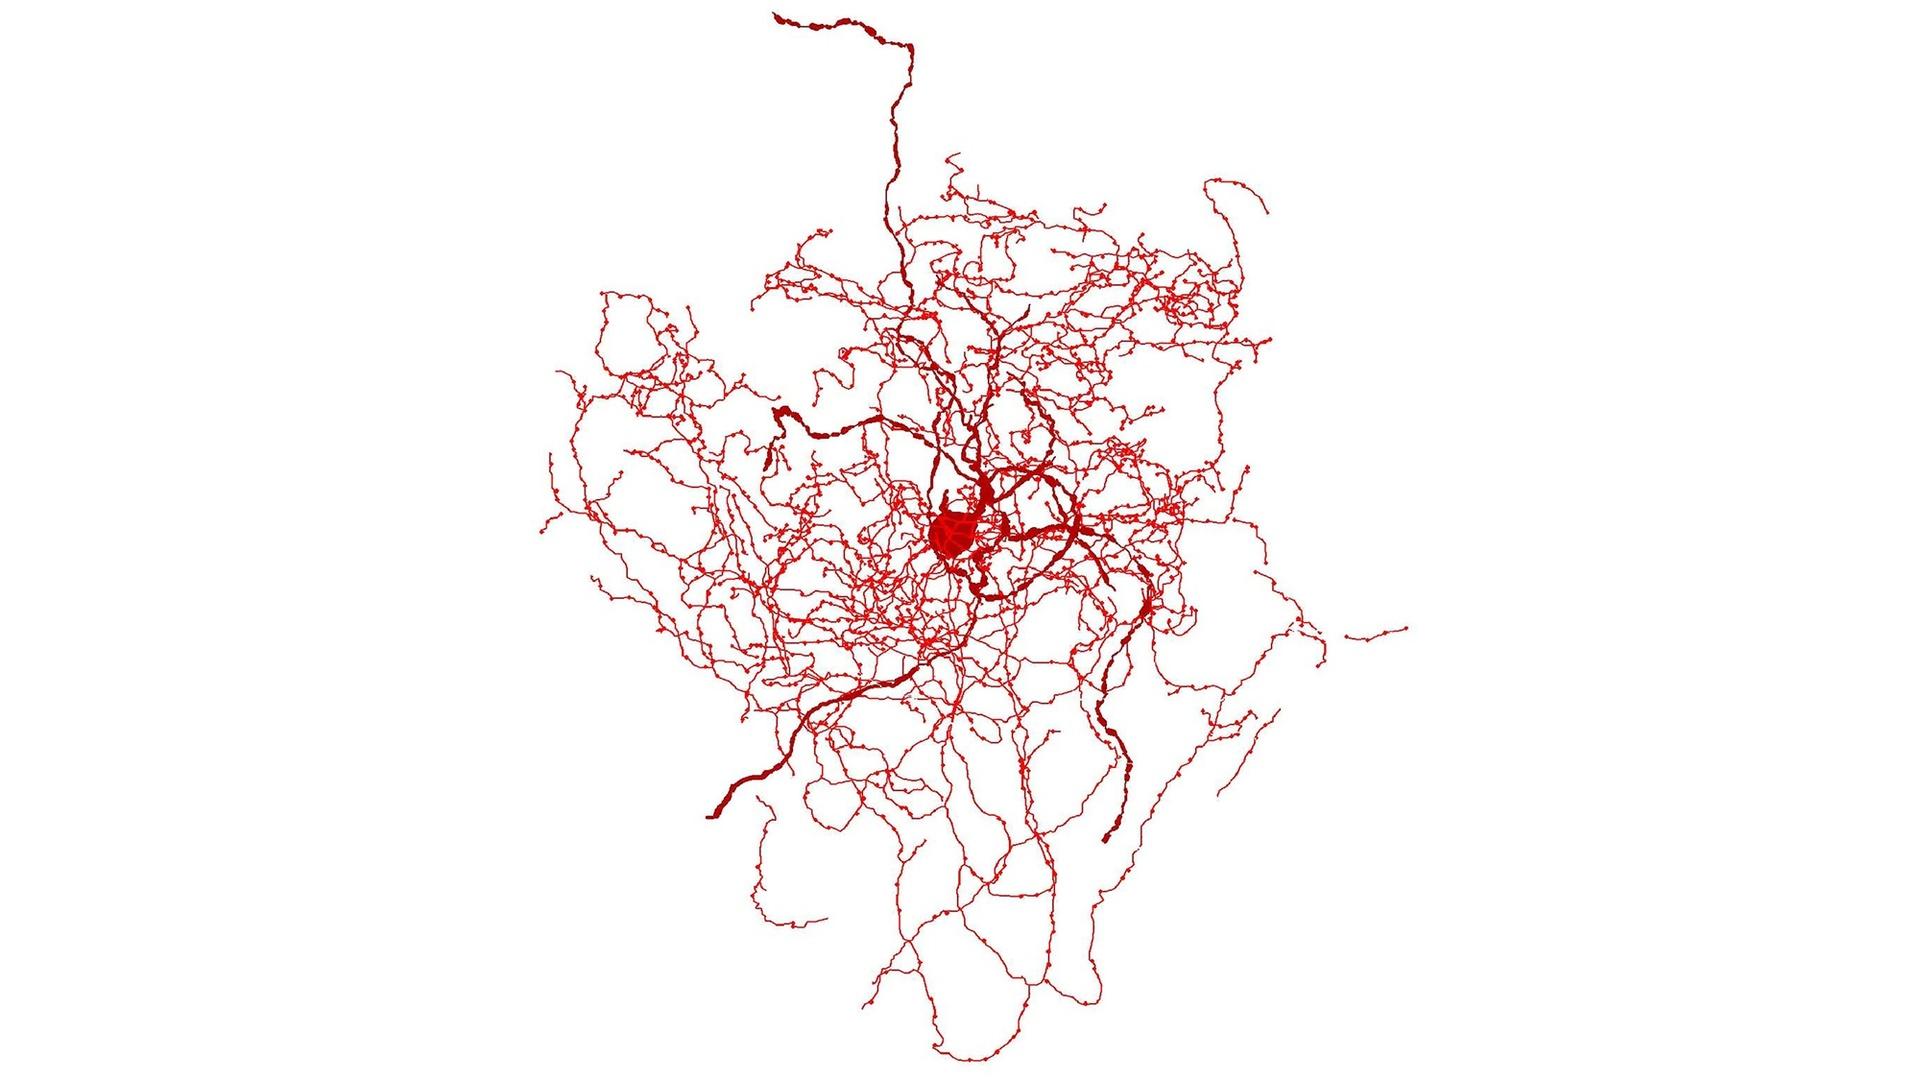 Найден уникальный для человека нейрон